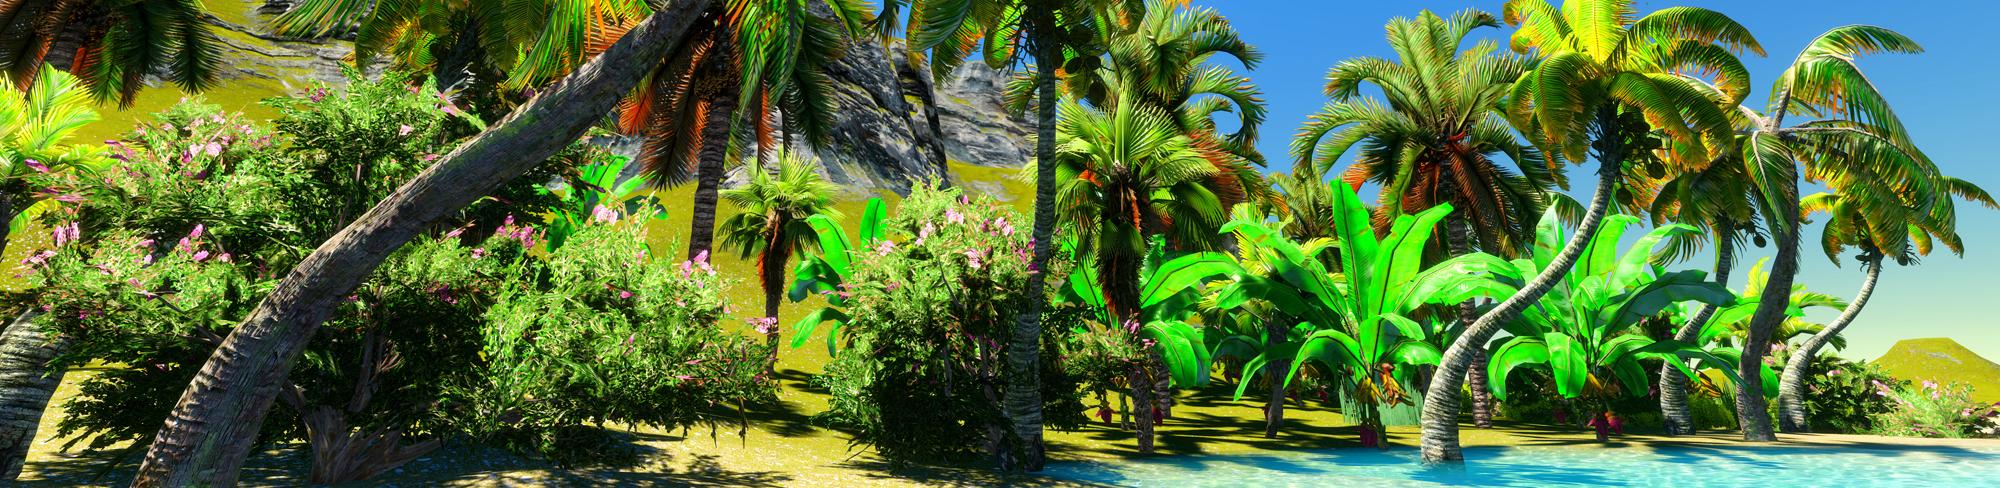 wyjazd na rajską plażę z palmami